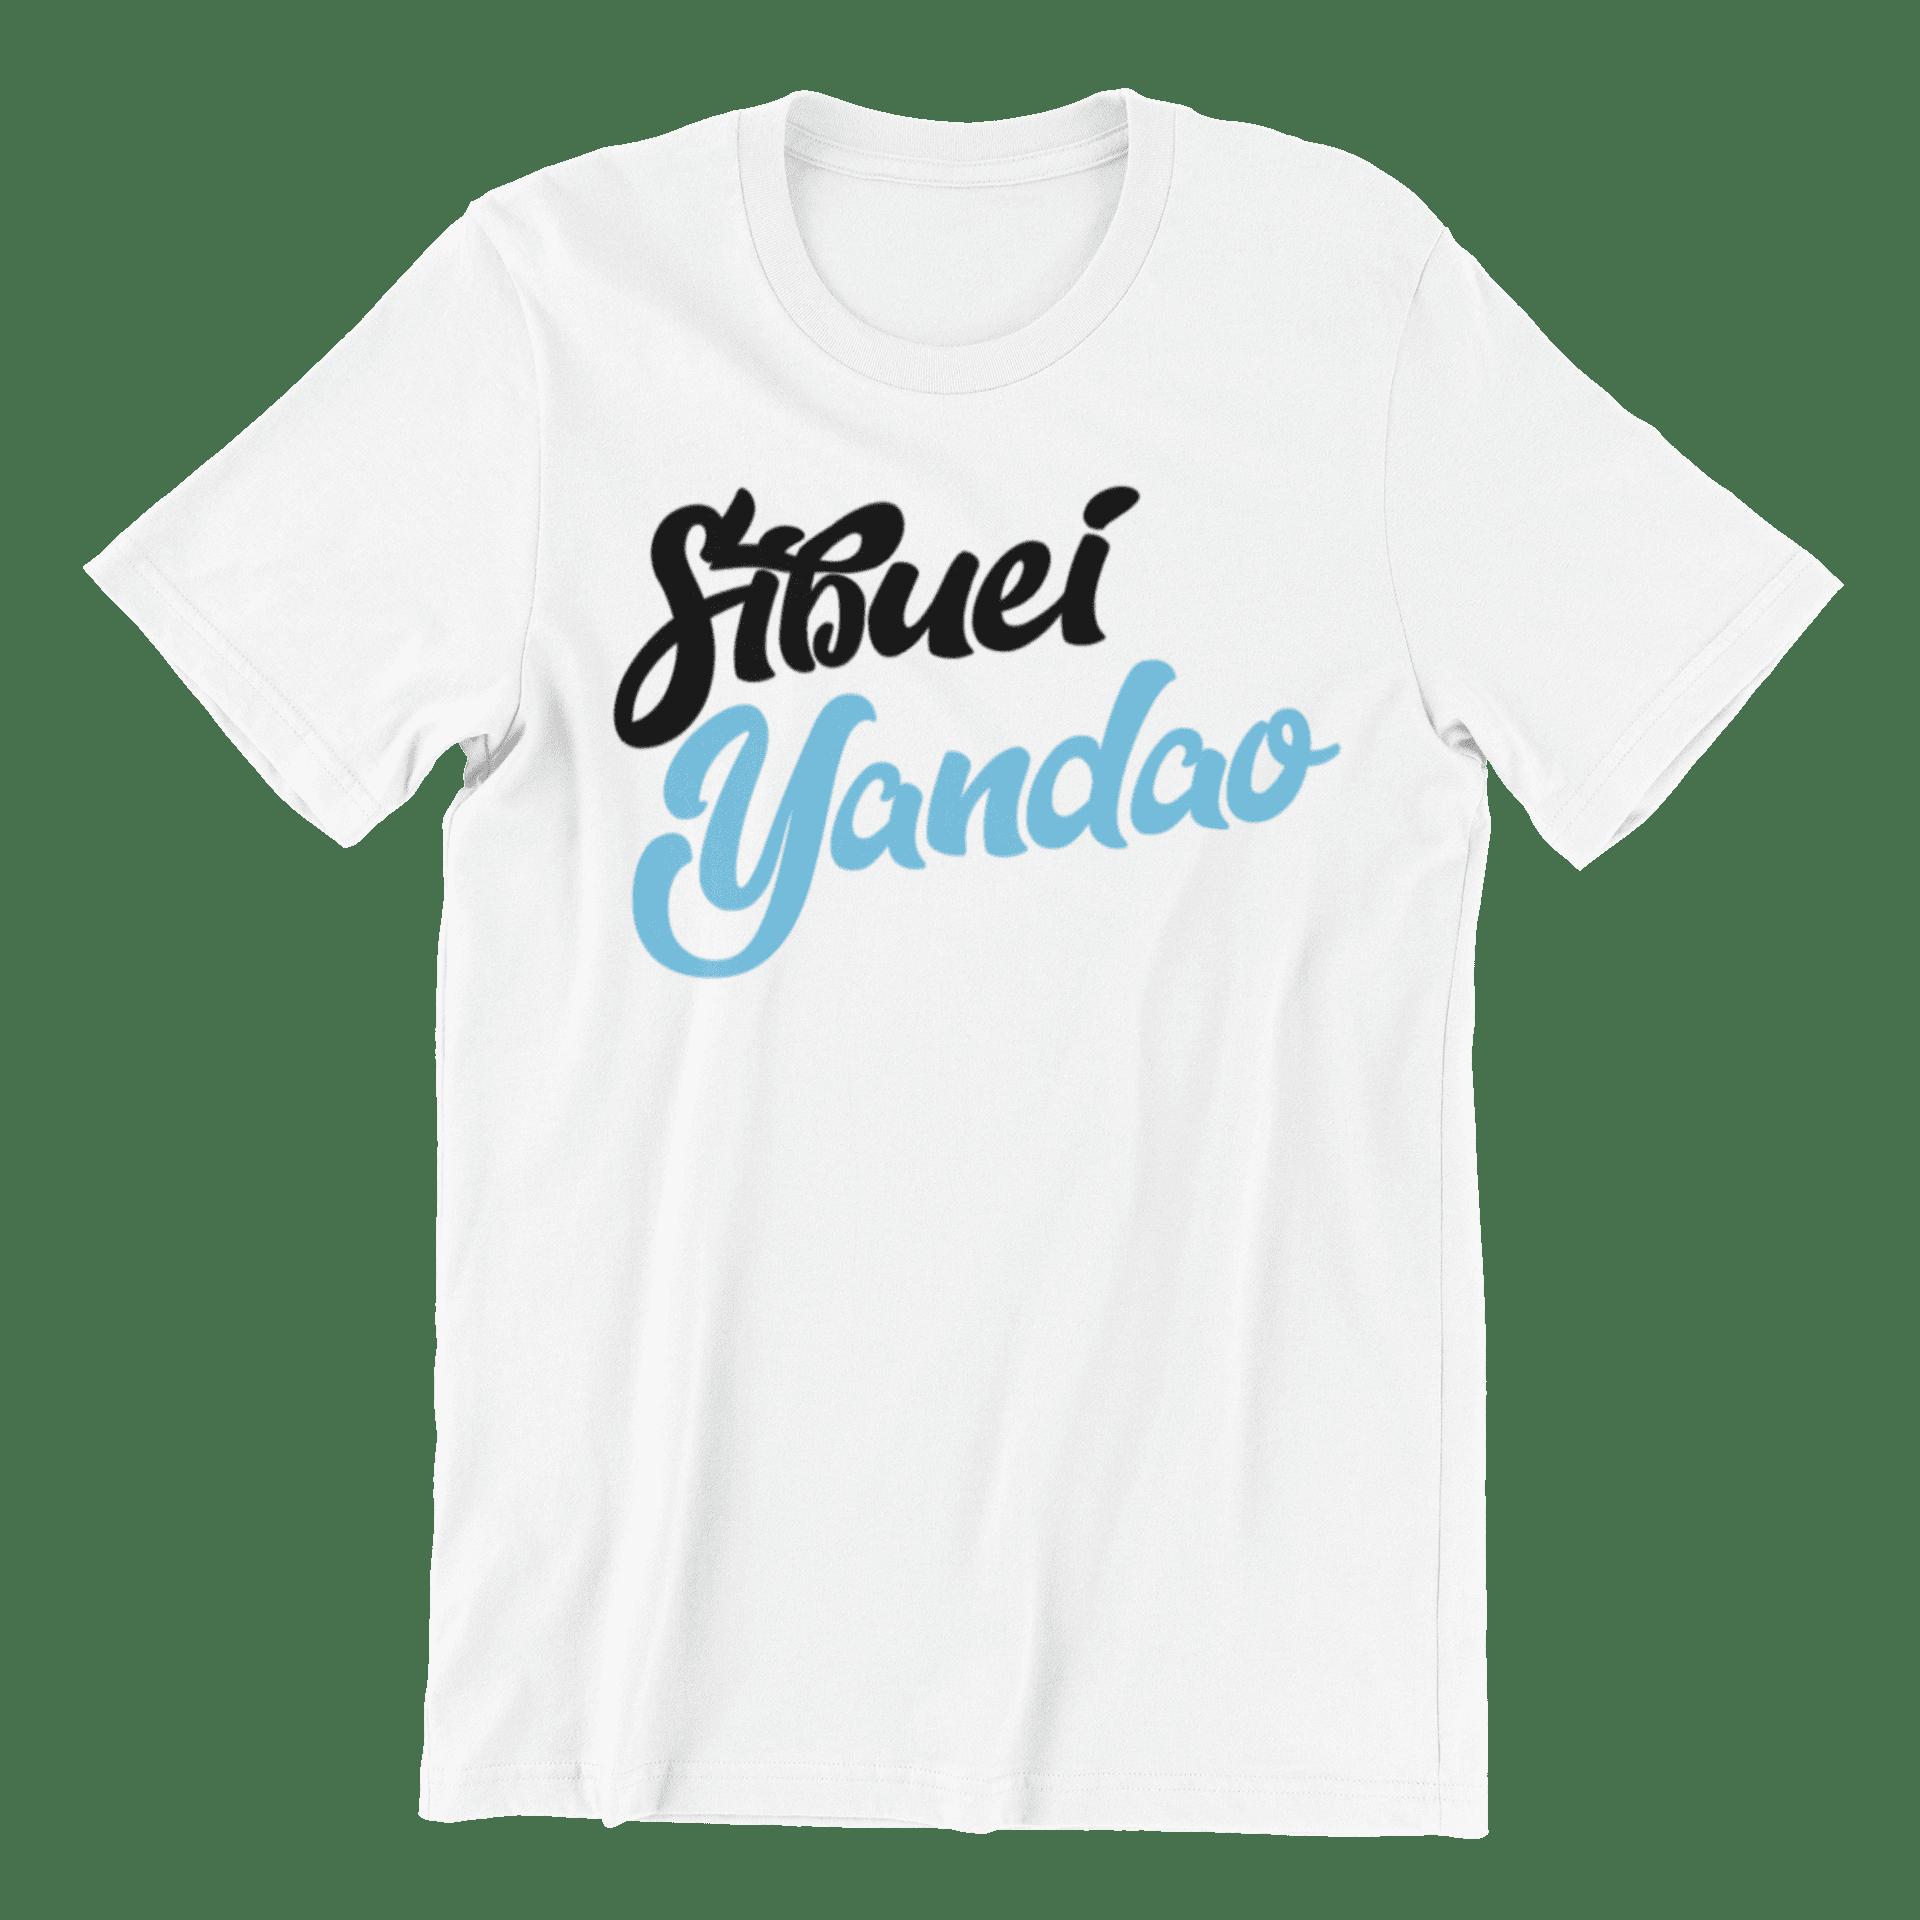 Sibuei Yandao Crew Neck S-Sleeve T-shirt